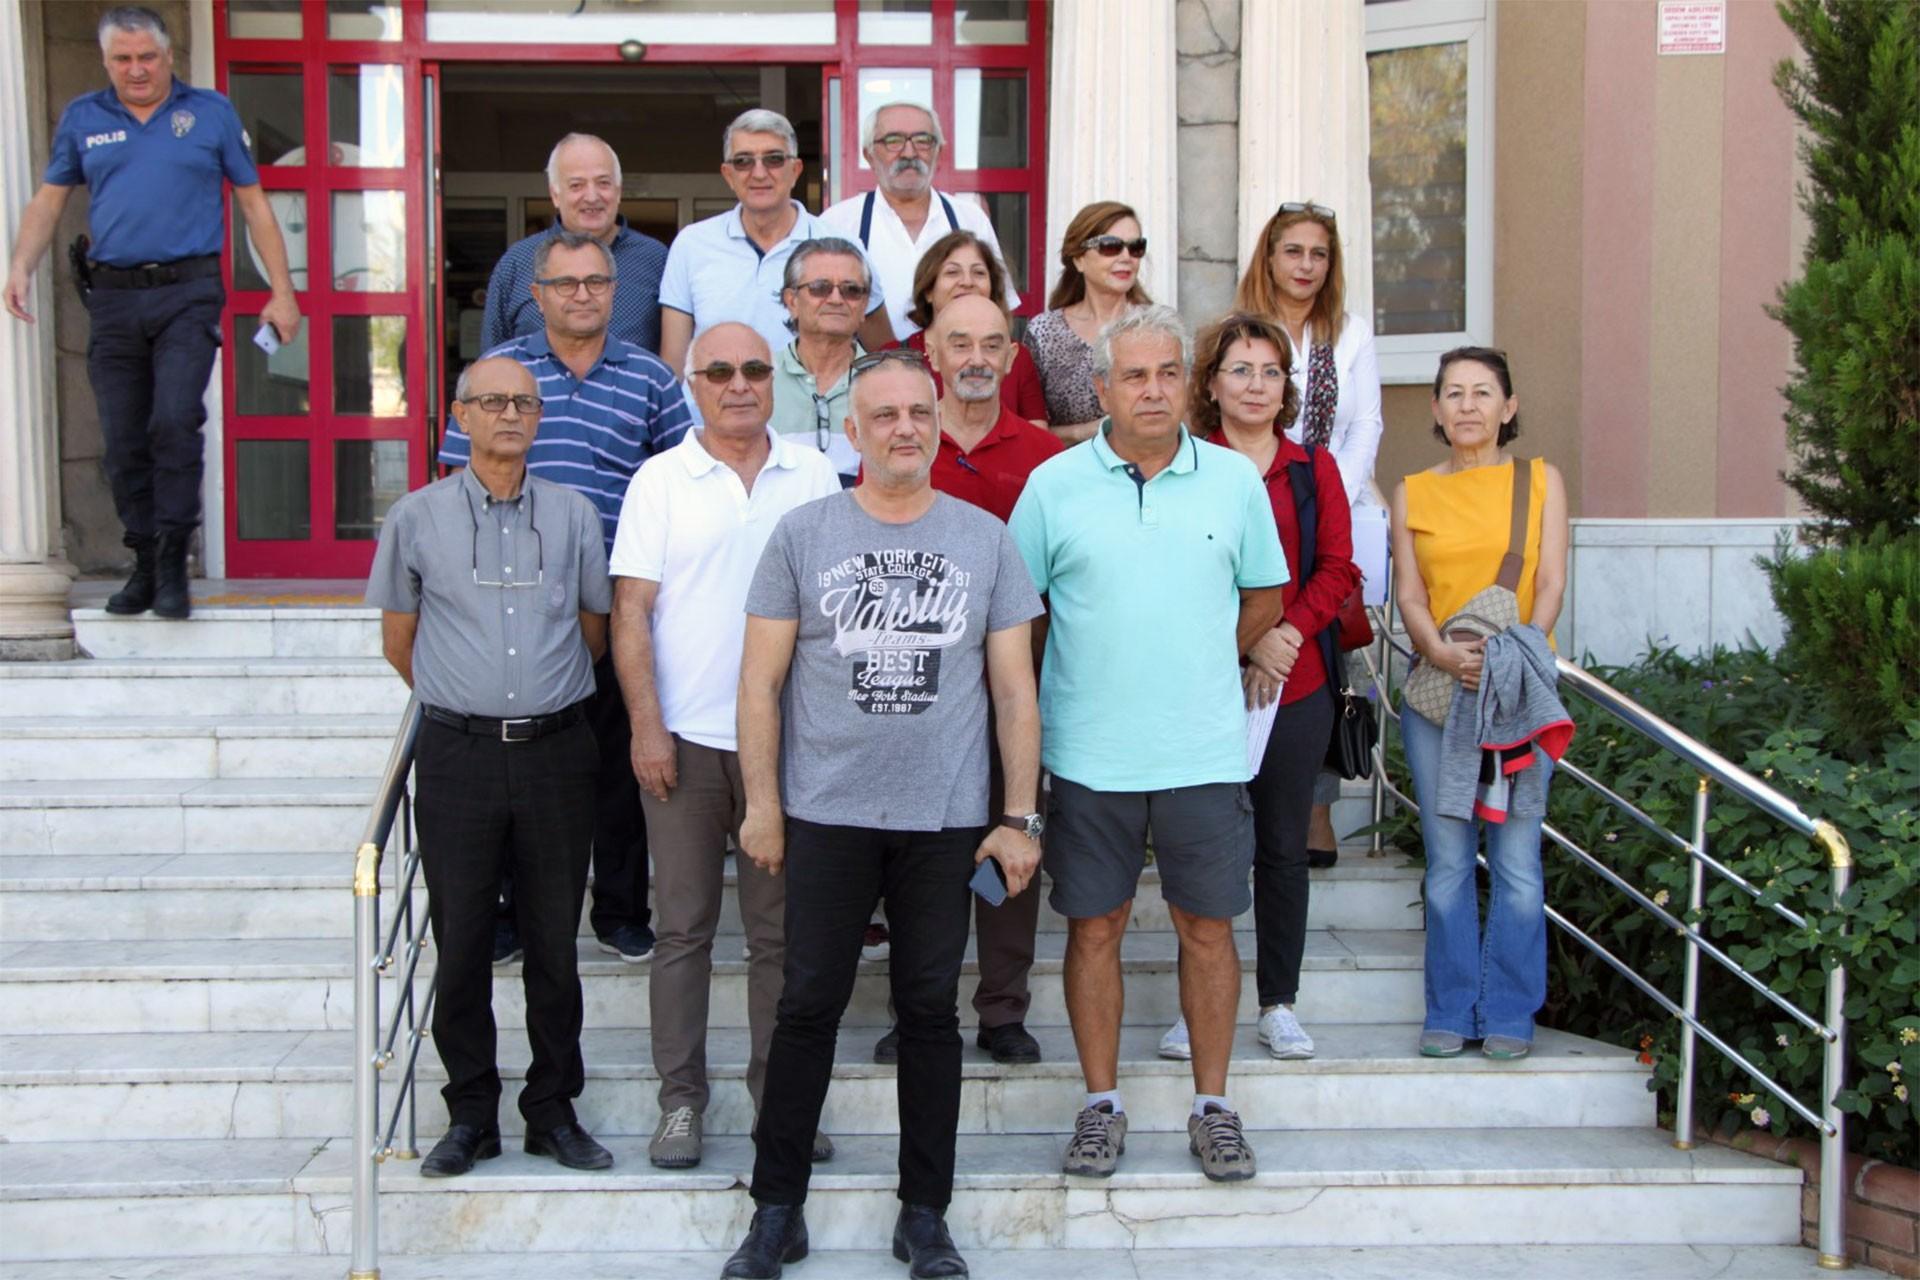 Didim'de kamu arazilerinin hukuka aykırı şekilde imara açılması yargıya taşındı